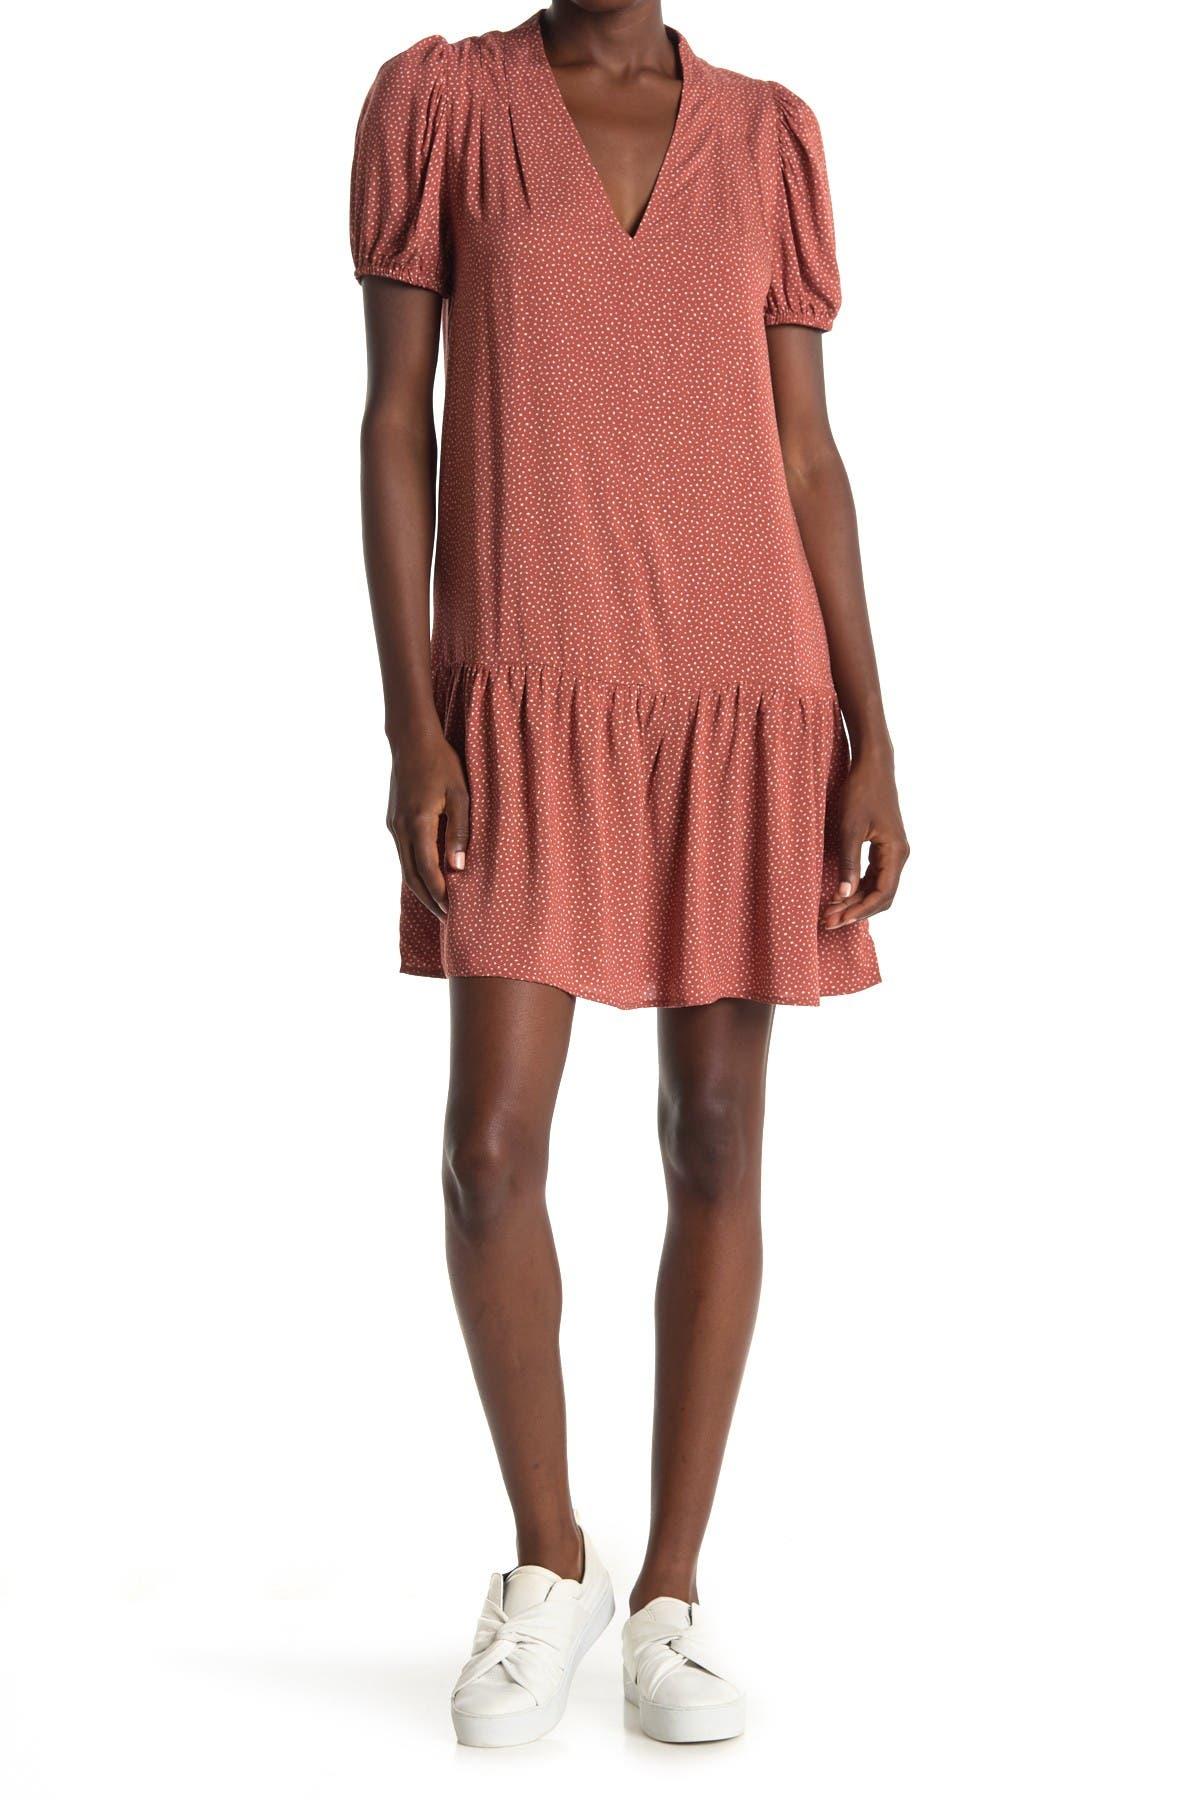 Image of GOOD LUCK GEM V-Neck Short Sleeve Dress